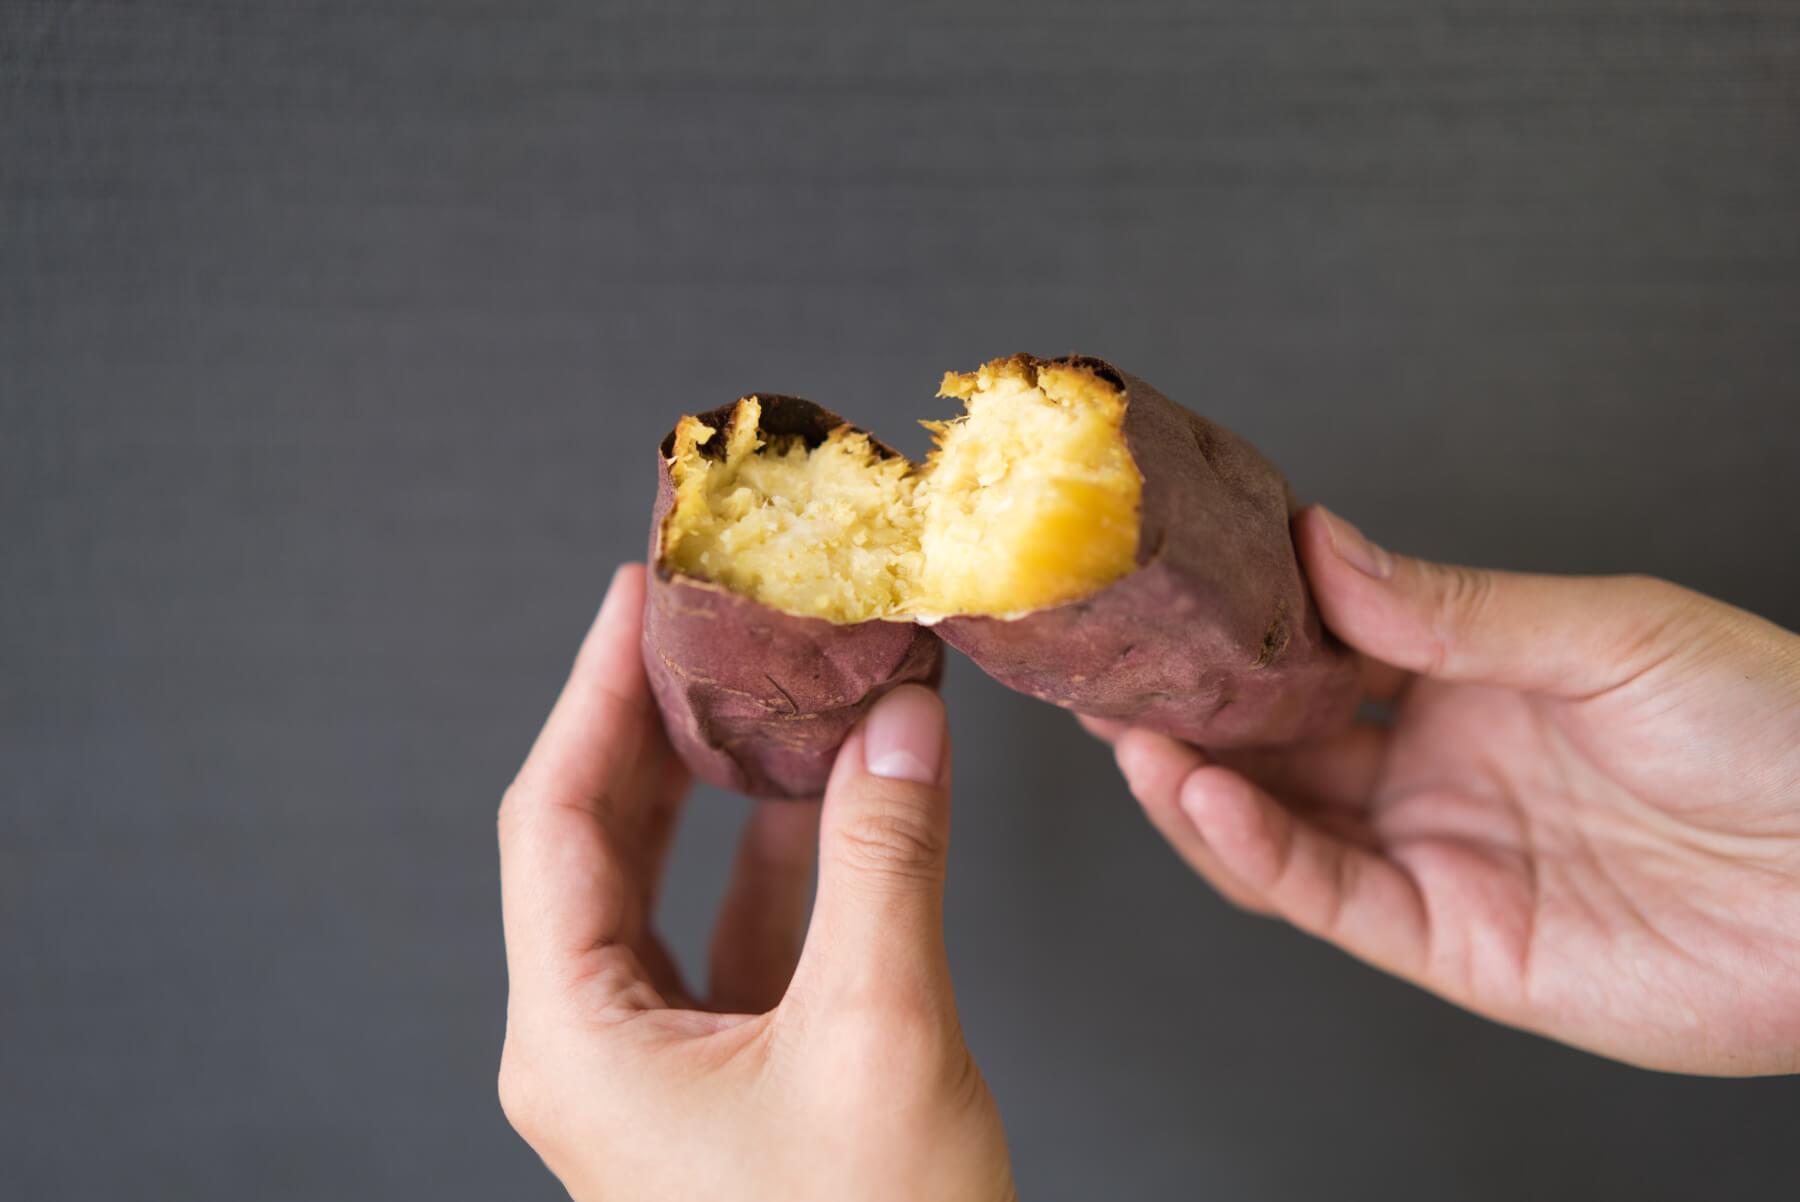 実食!完成した焼き芋を食べ比べ パナソニック オーブントースター ビストロ シルクスイート